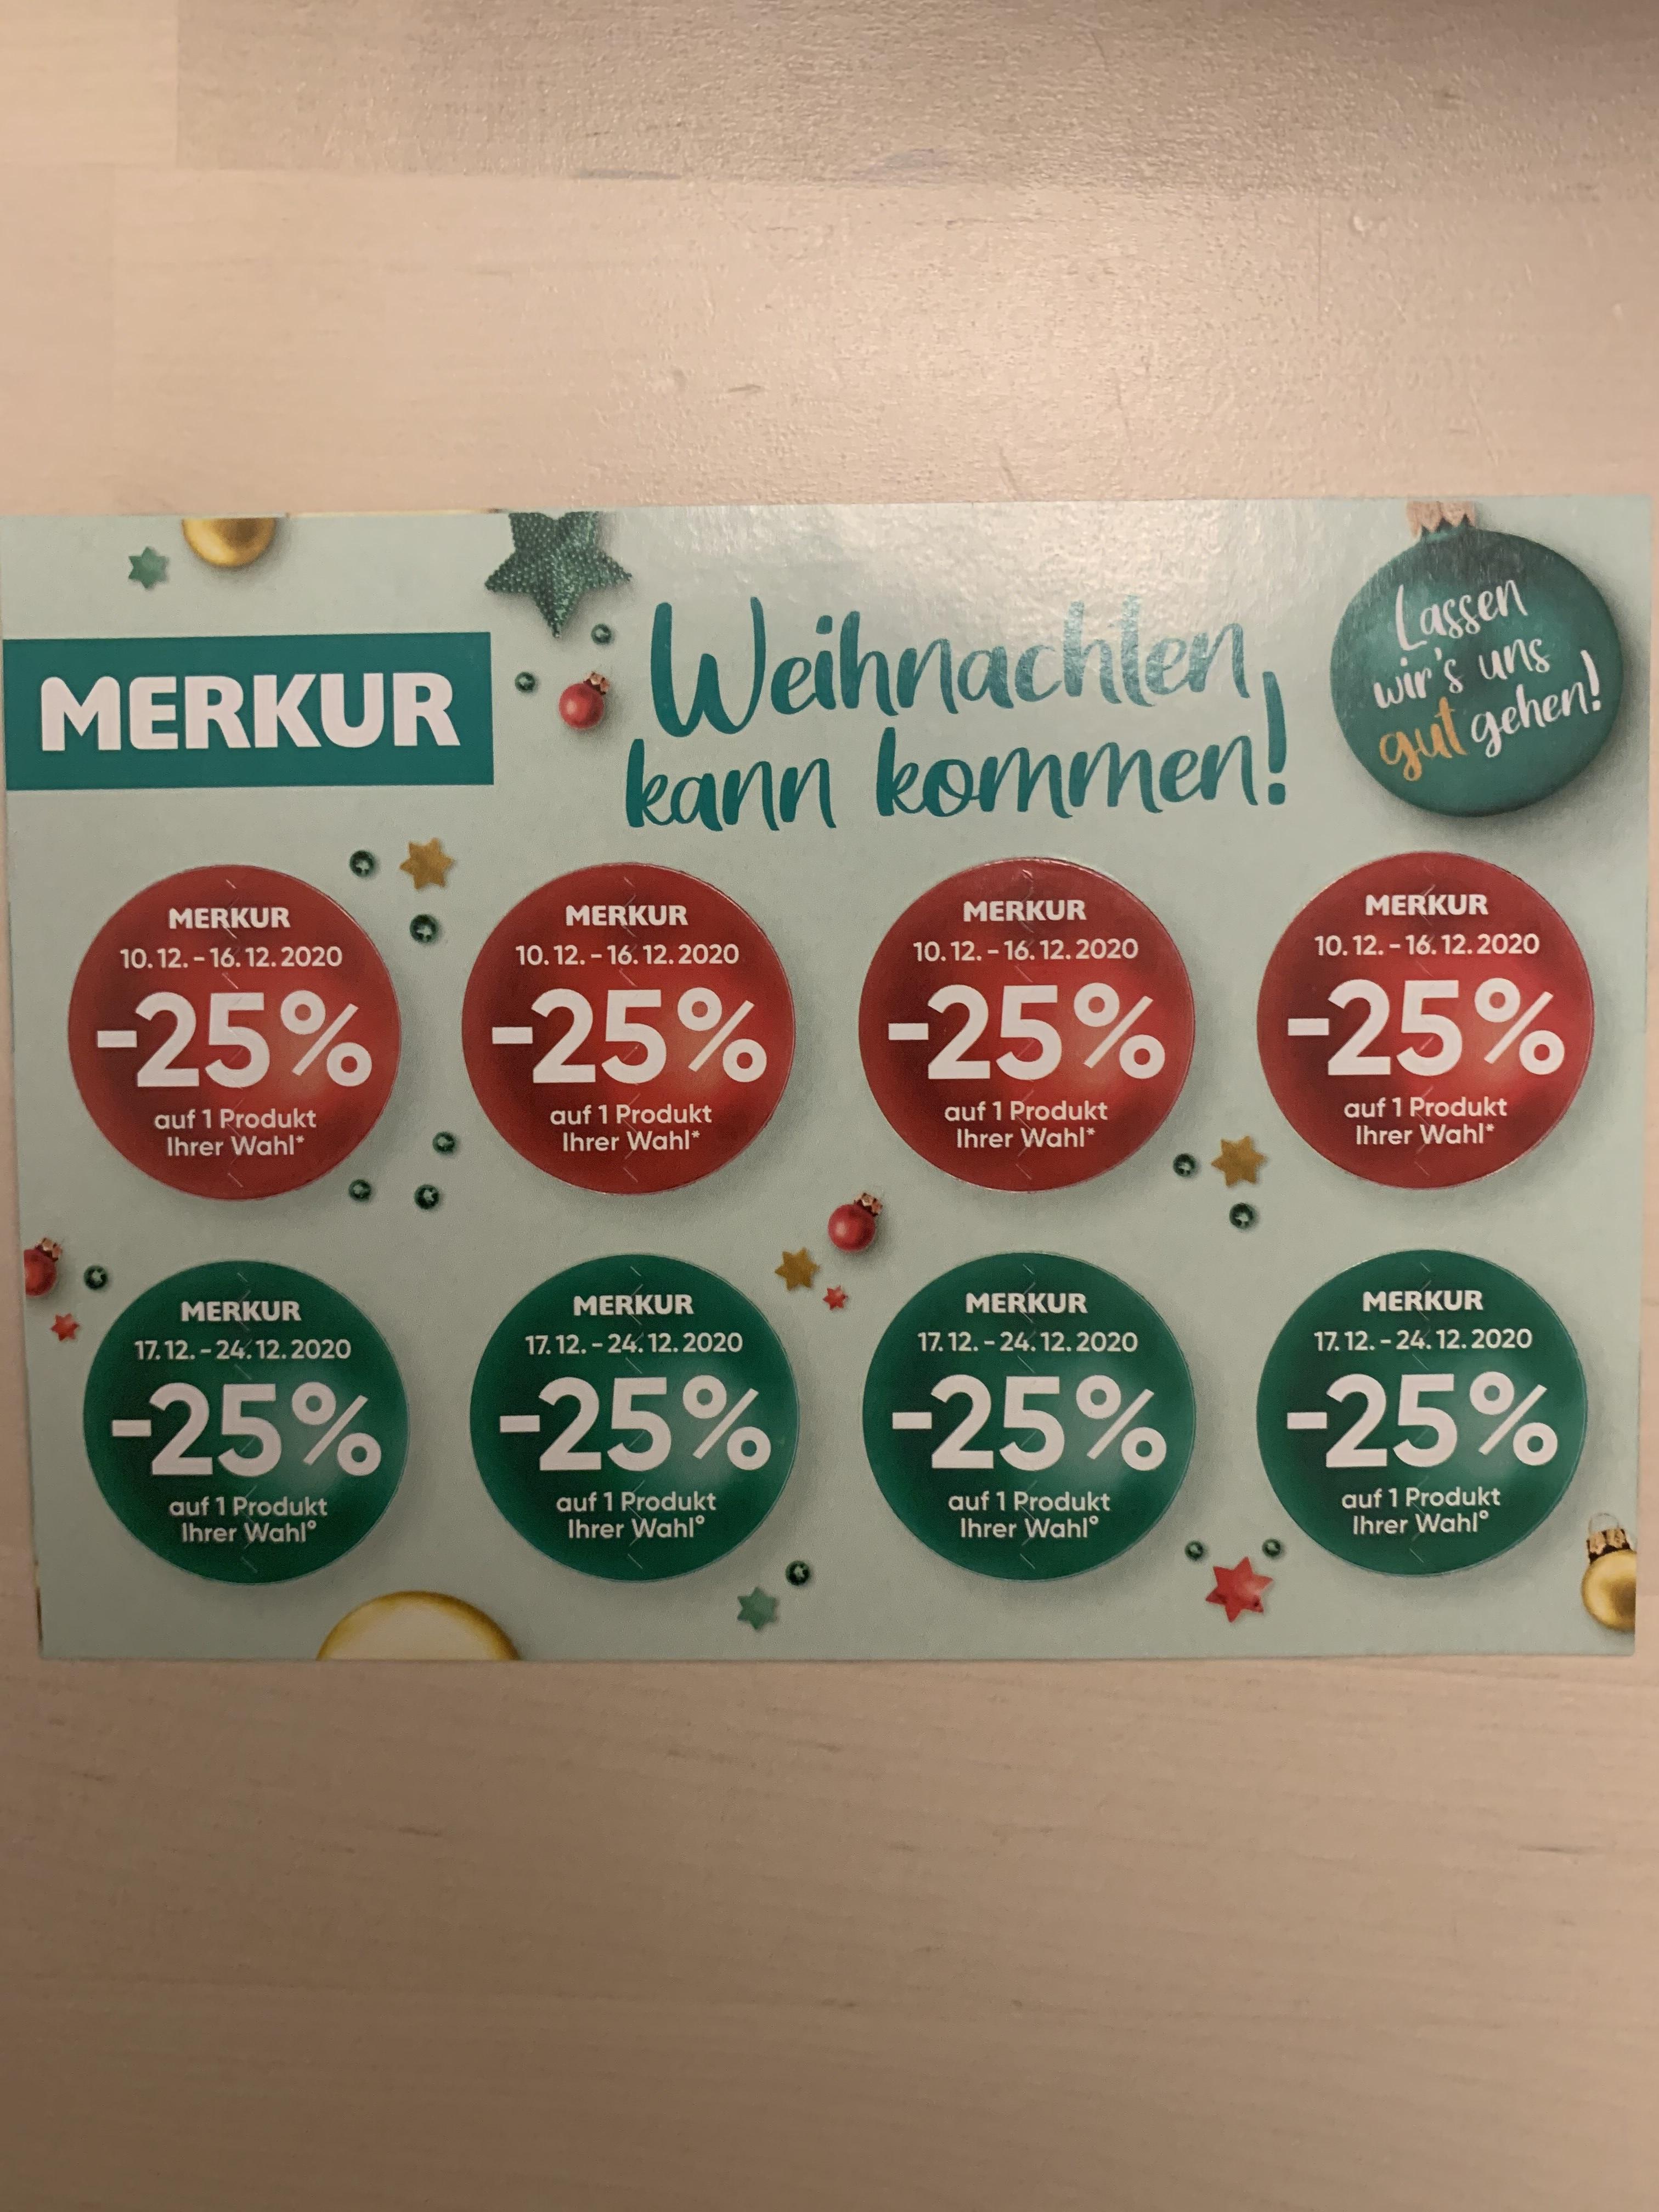 Merkur: -25% Sticker